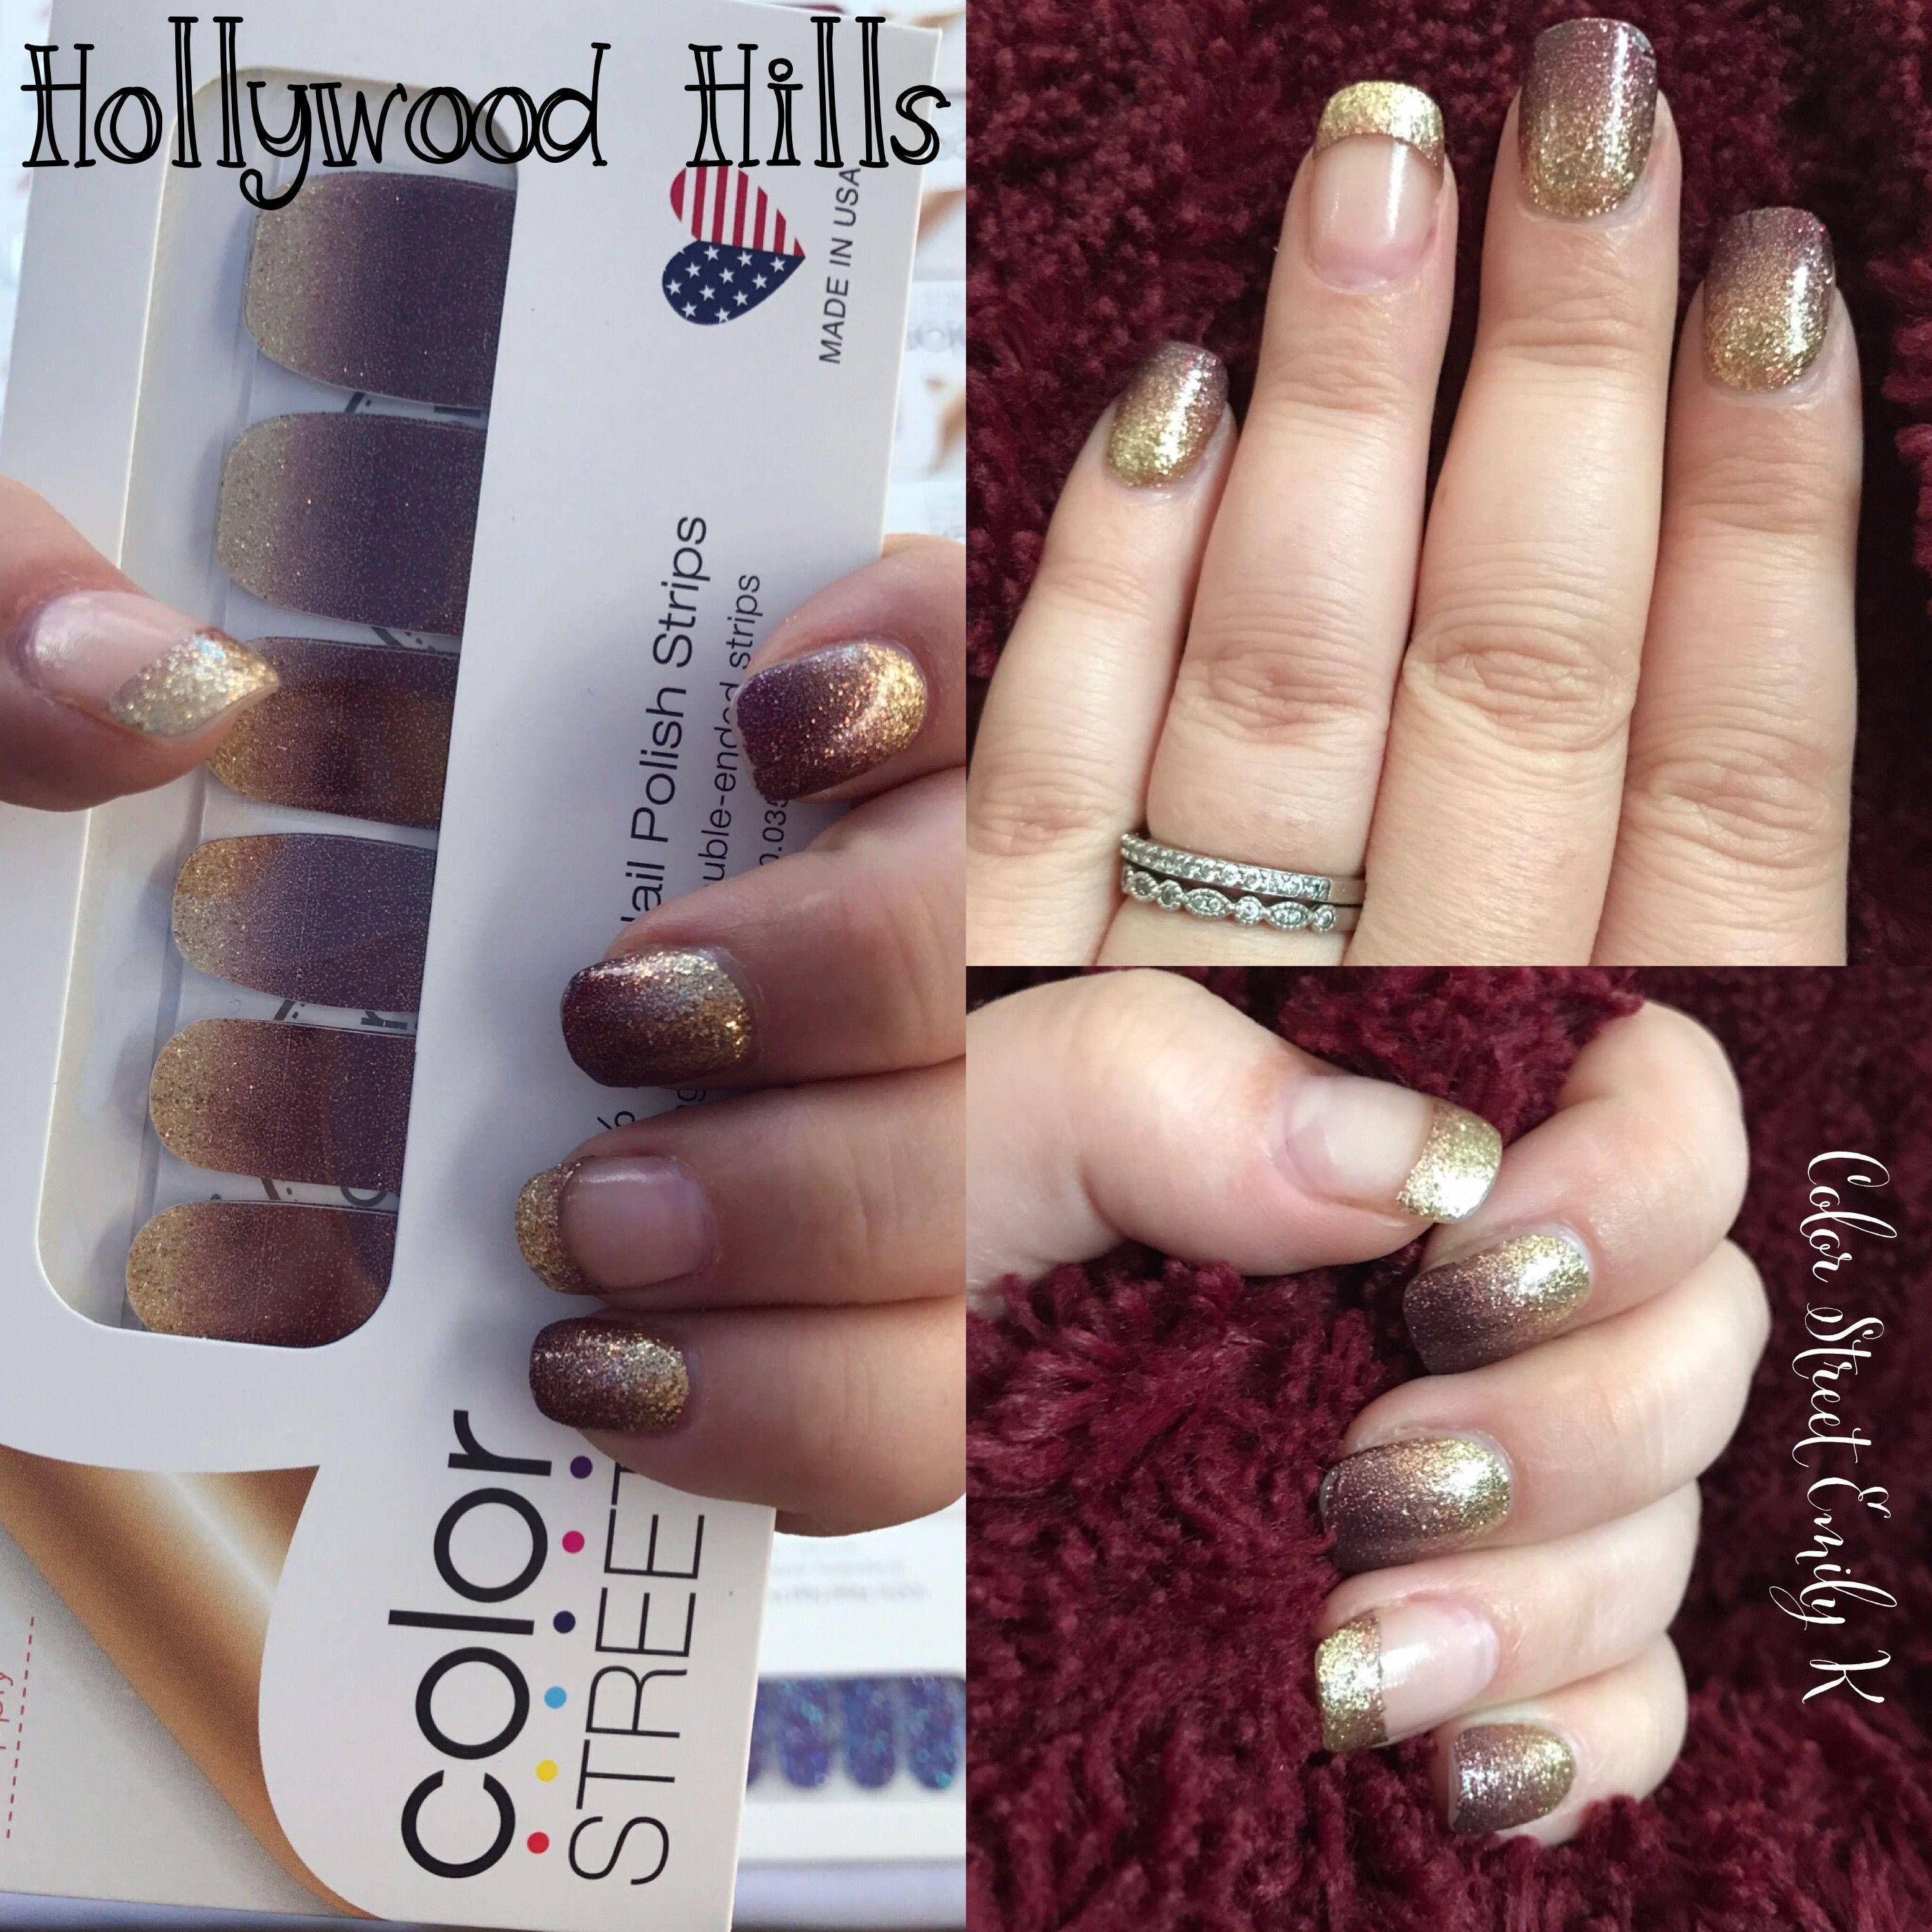 Color Street Fashion Nail Strips - Hollywood Hills. 100% Nail Polish ...